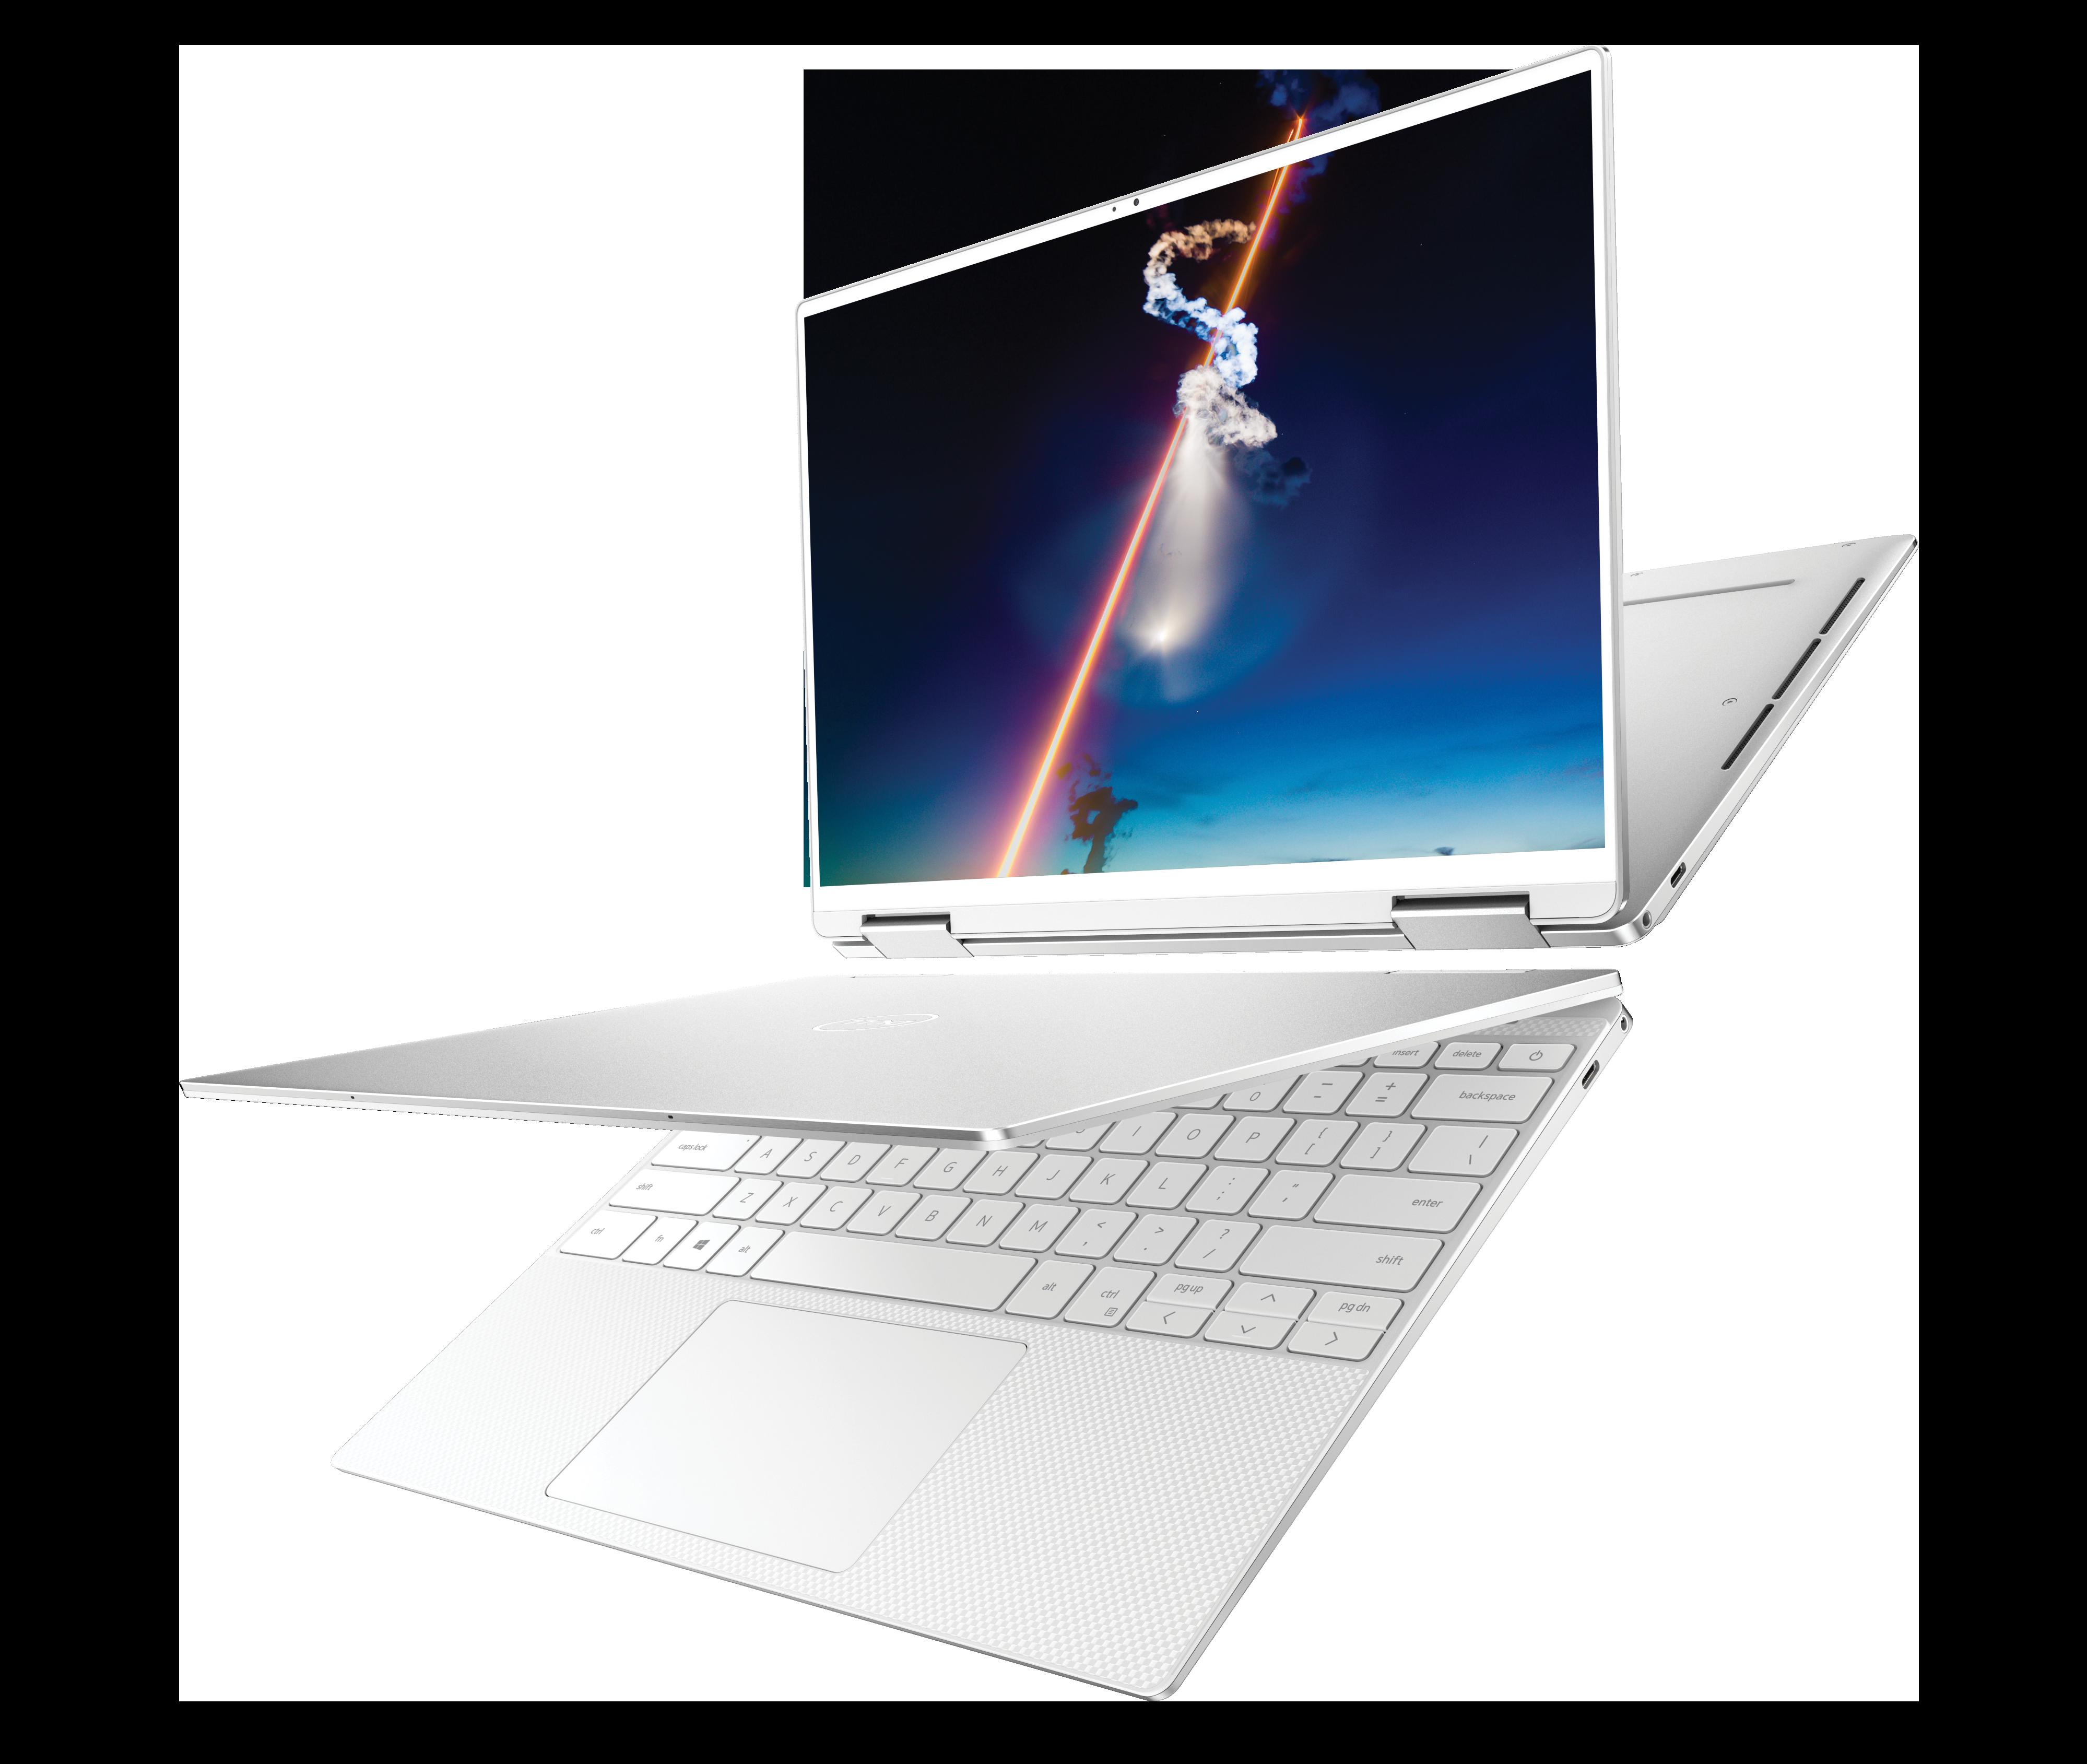 Dells nye XPS 13 2-i-1 er blant maskinene som allerede kvalifiserer til Project Athena-kravene.